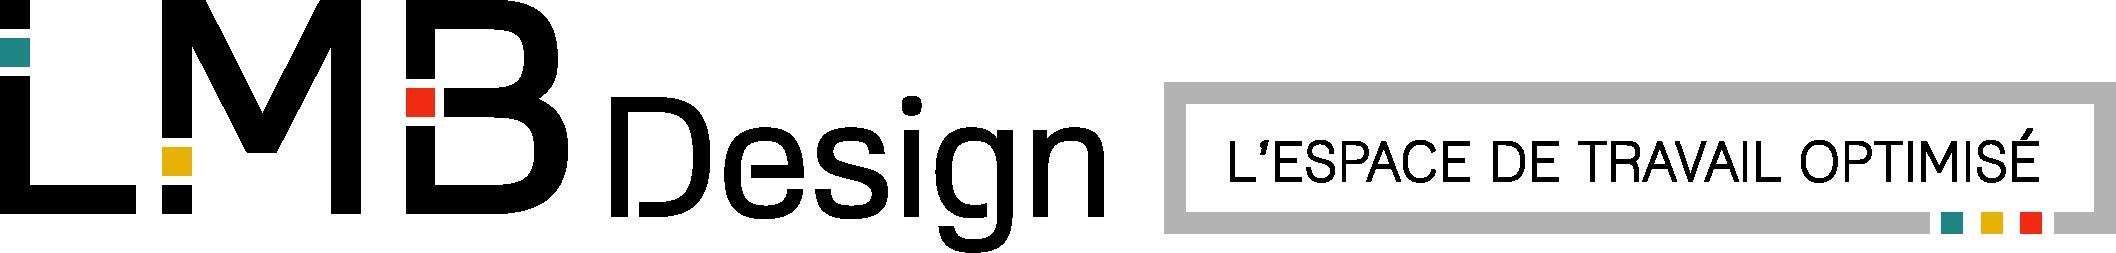 LMB Design